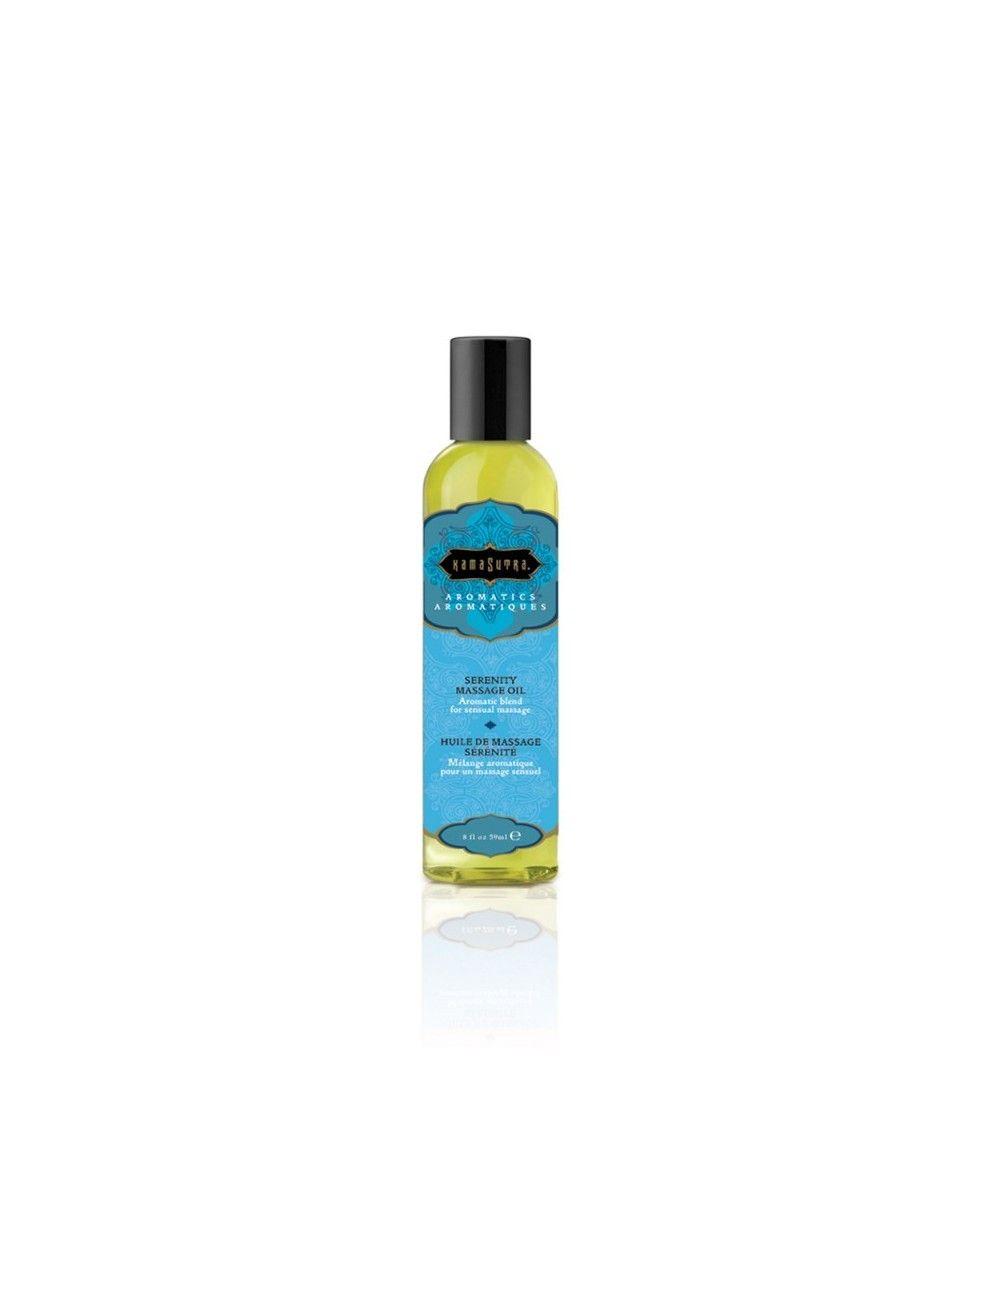 Huile aromatic massage 59ml Sérénité KAMASUTRA